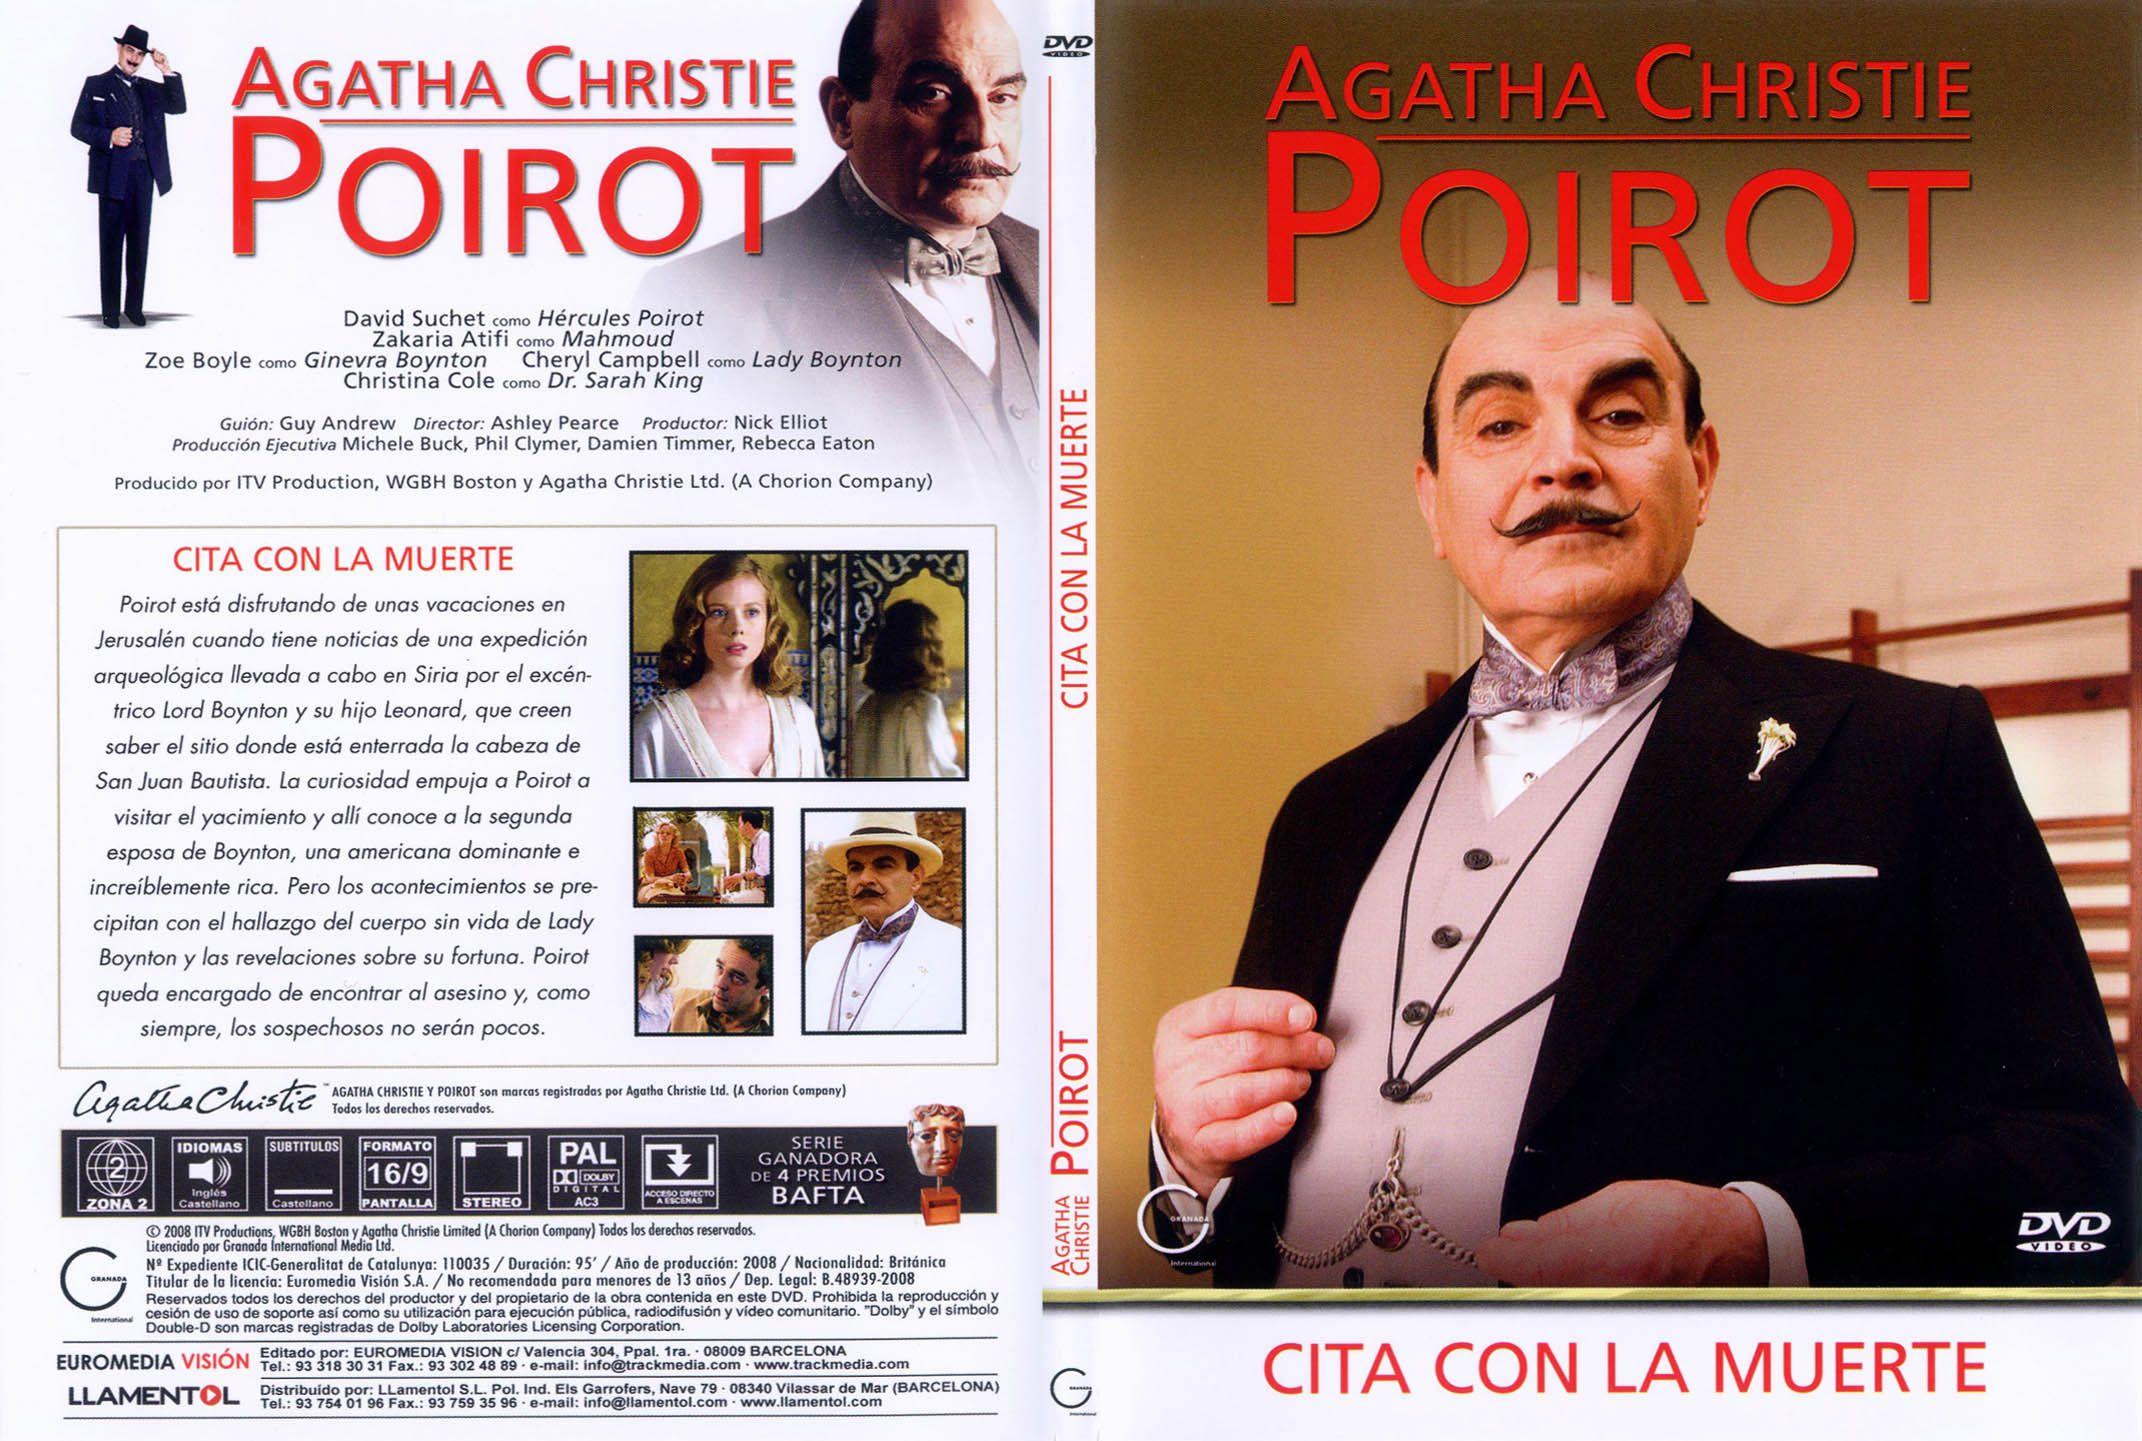 Monsieur Poirot Peter Ustinov Viaja A Tierra Santa En Compañía De La Doctora King Jenny Seagrove Con El Propósito De R Piper Laurie Peter Ustinov Peliculas